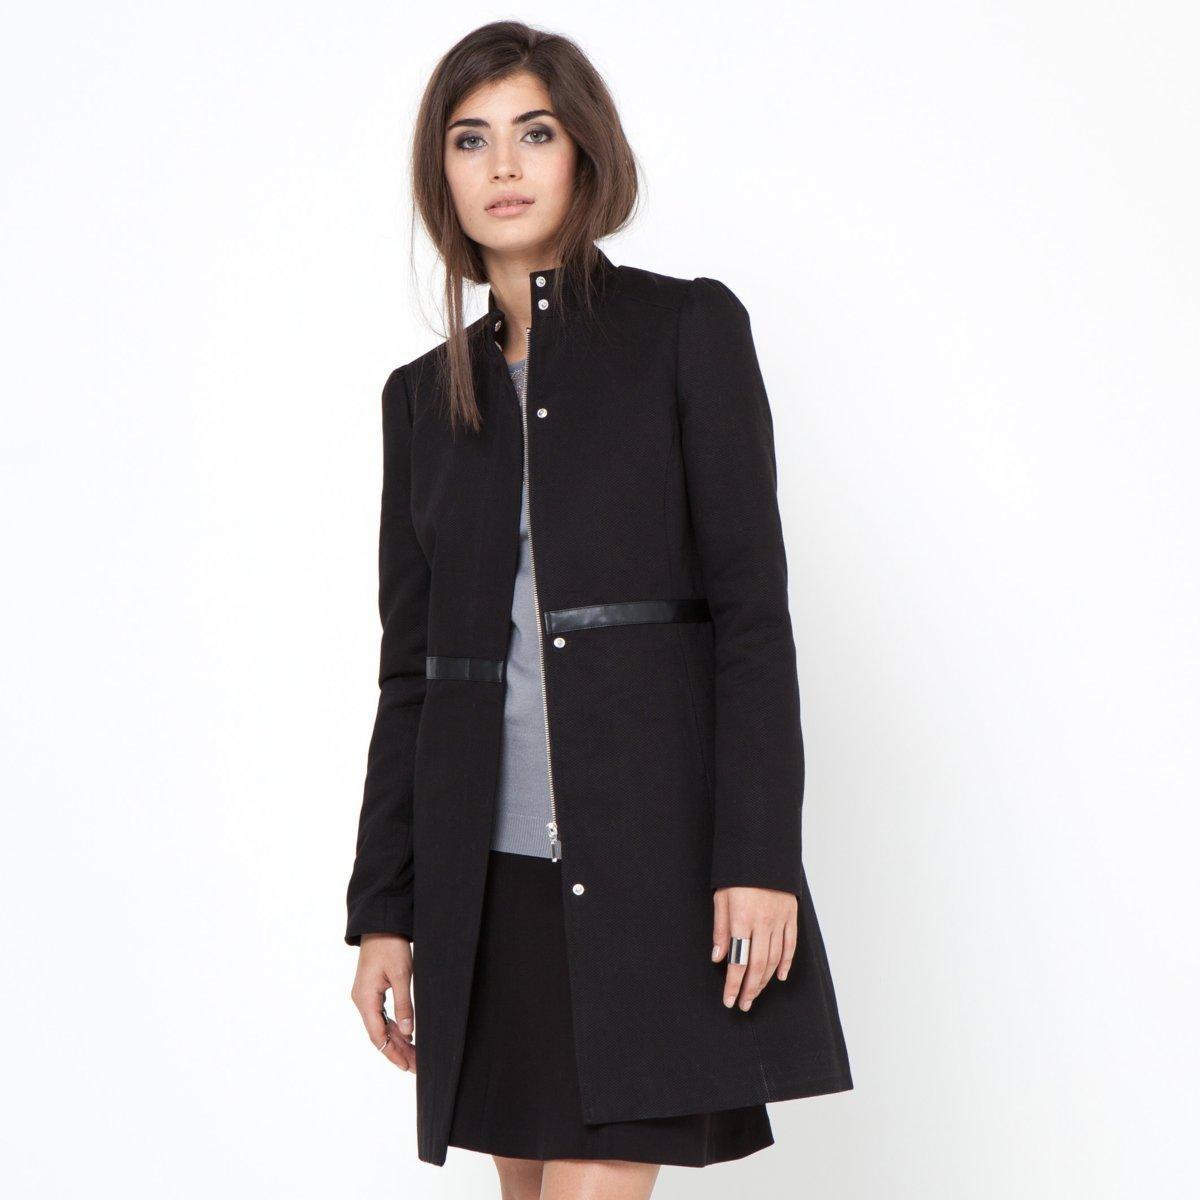 manteau femme noir cintr. Black Bedroom Furniture Sets. Home Design Ideas